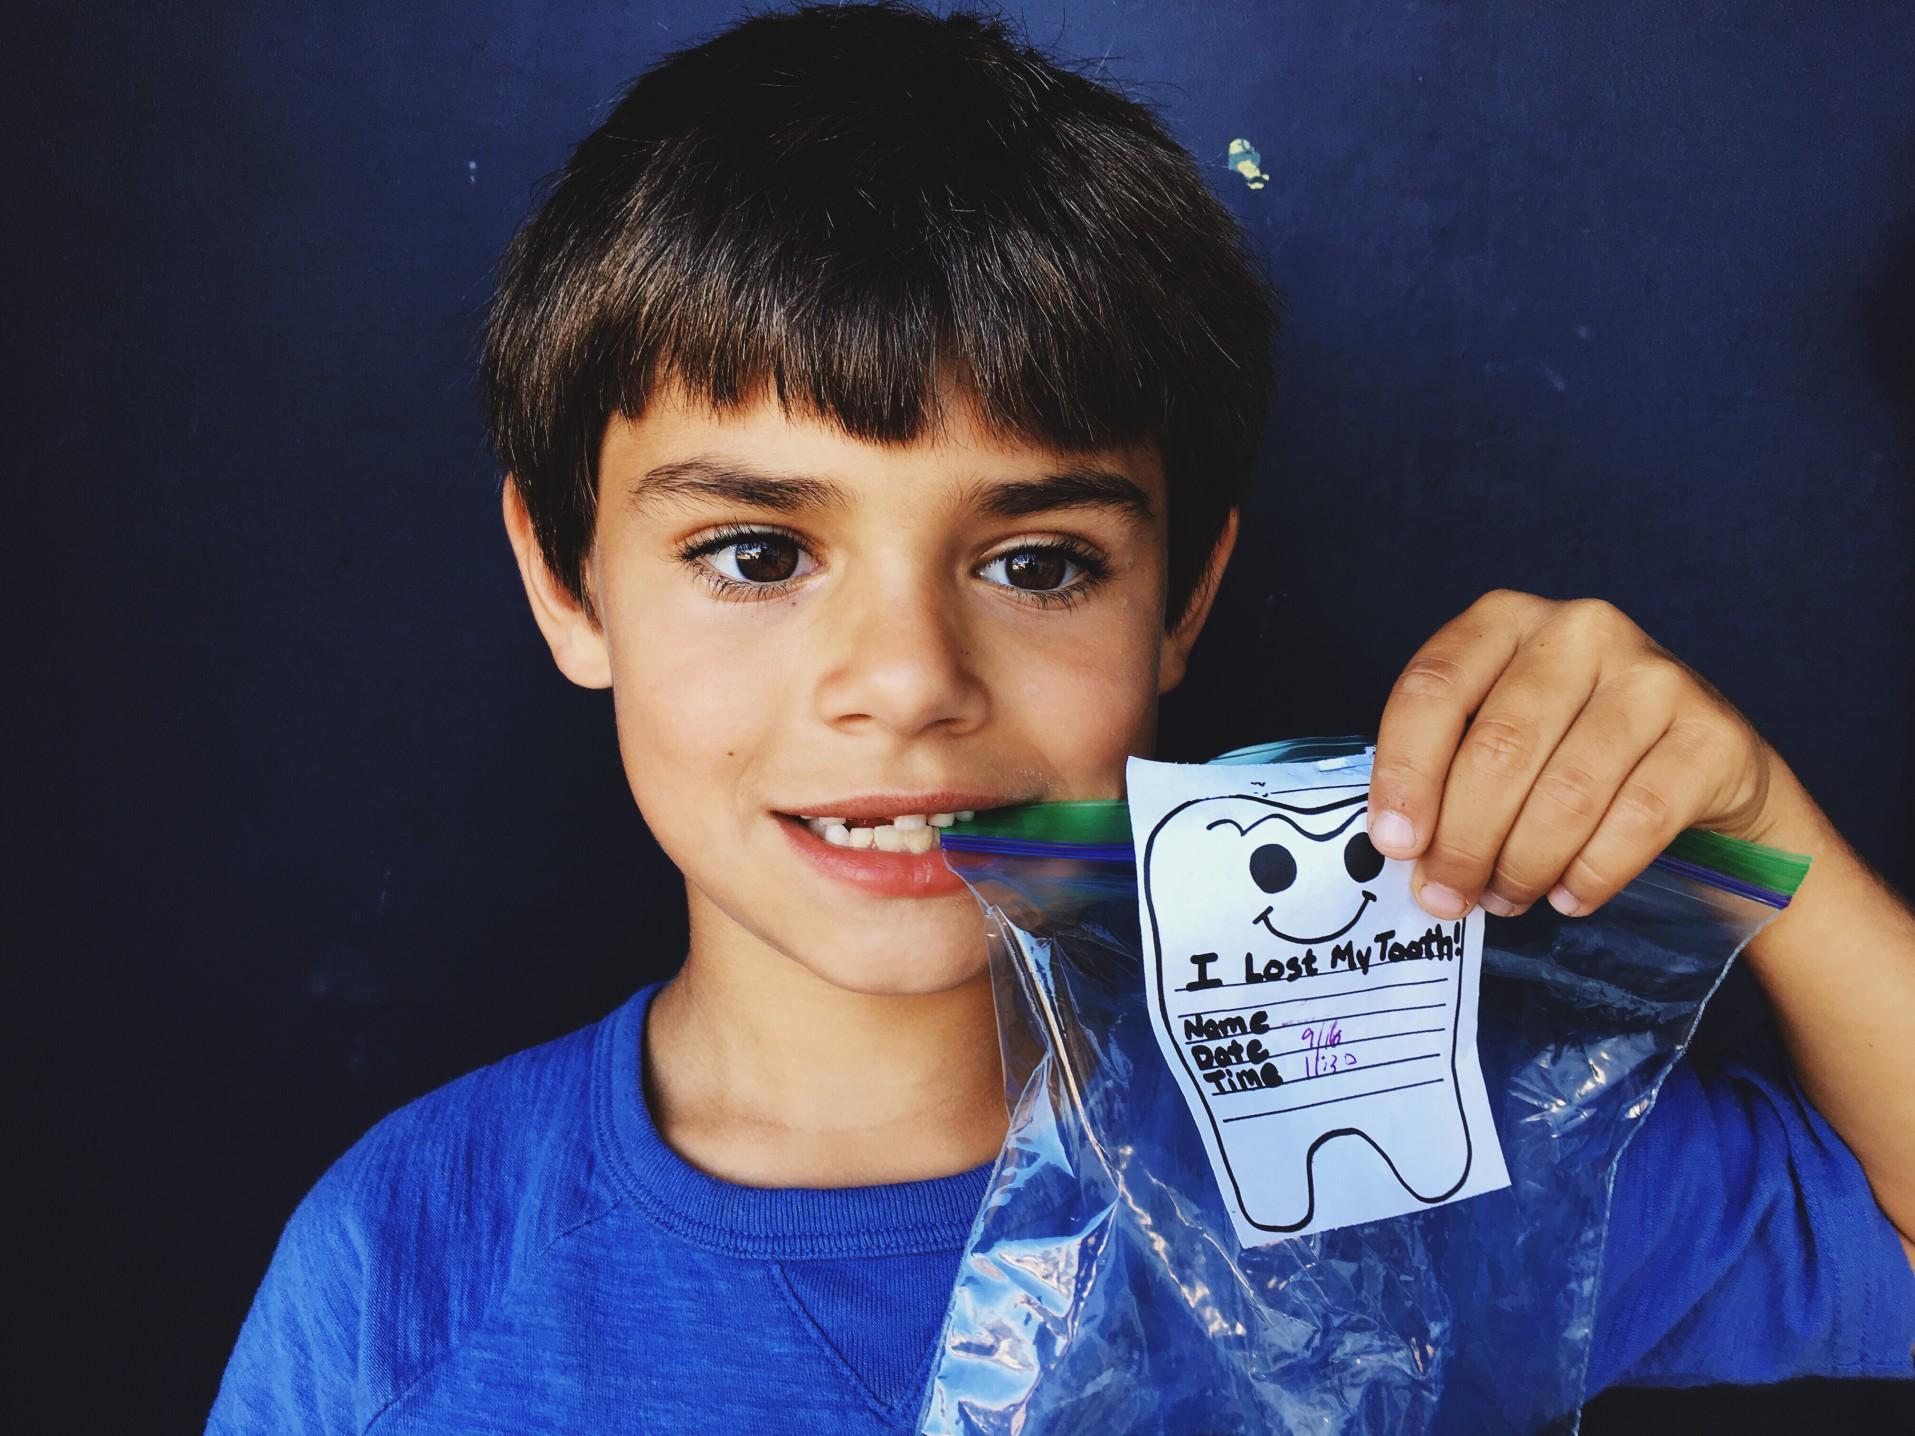 El cuidado de los dientes de los niños